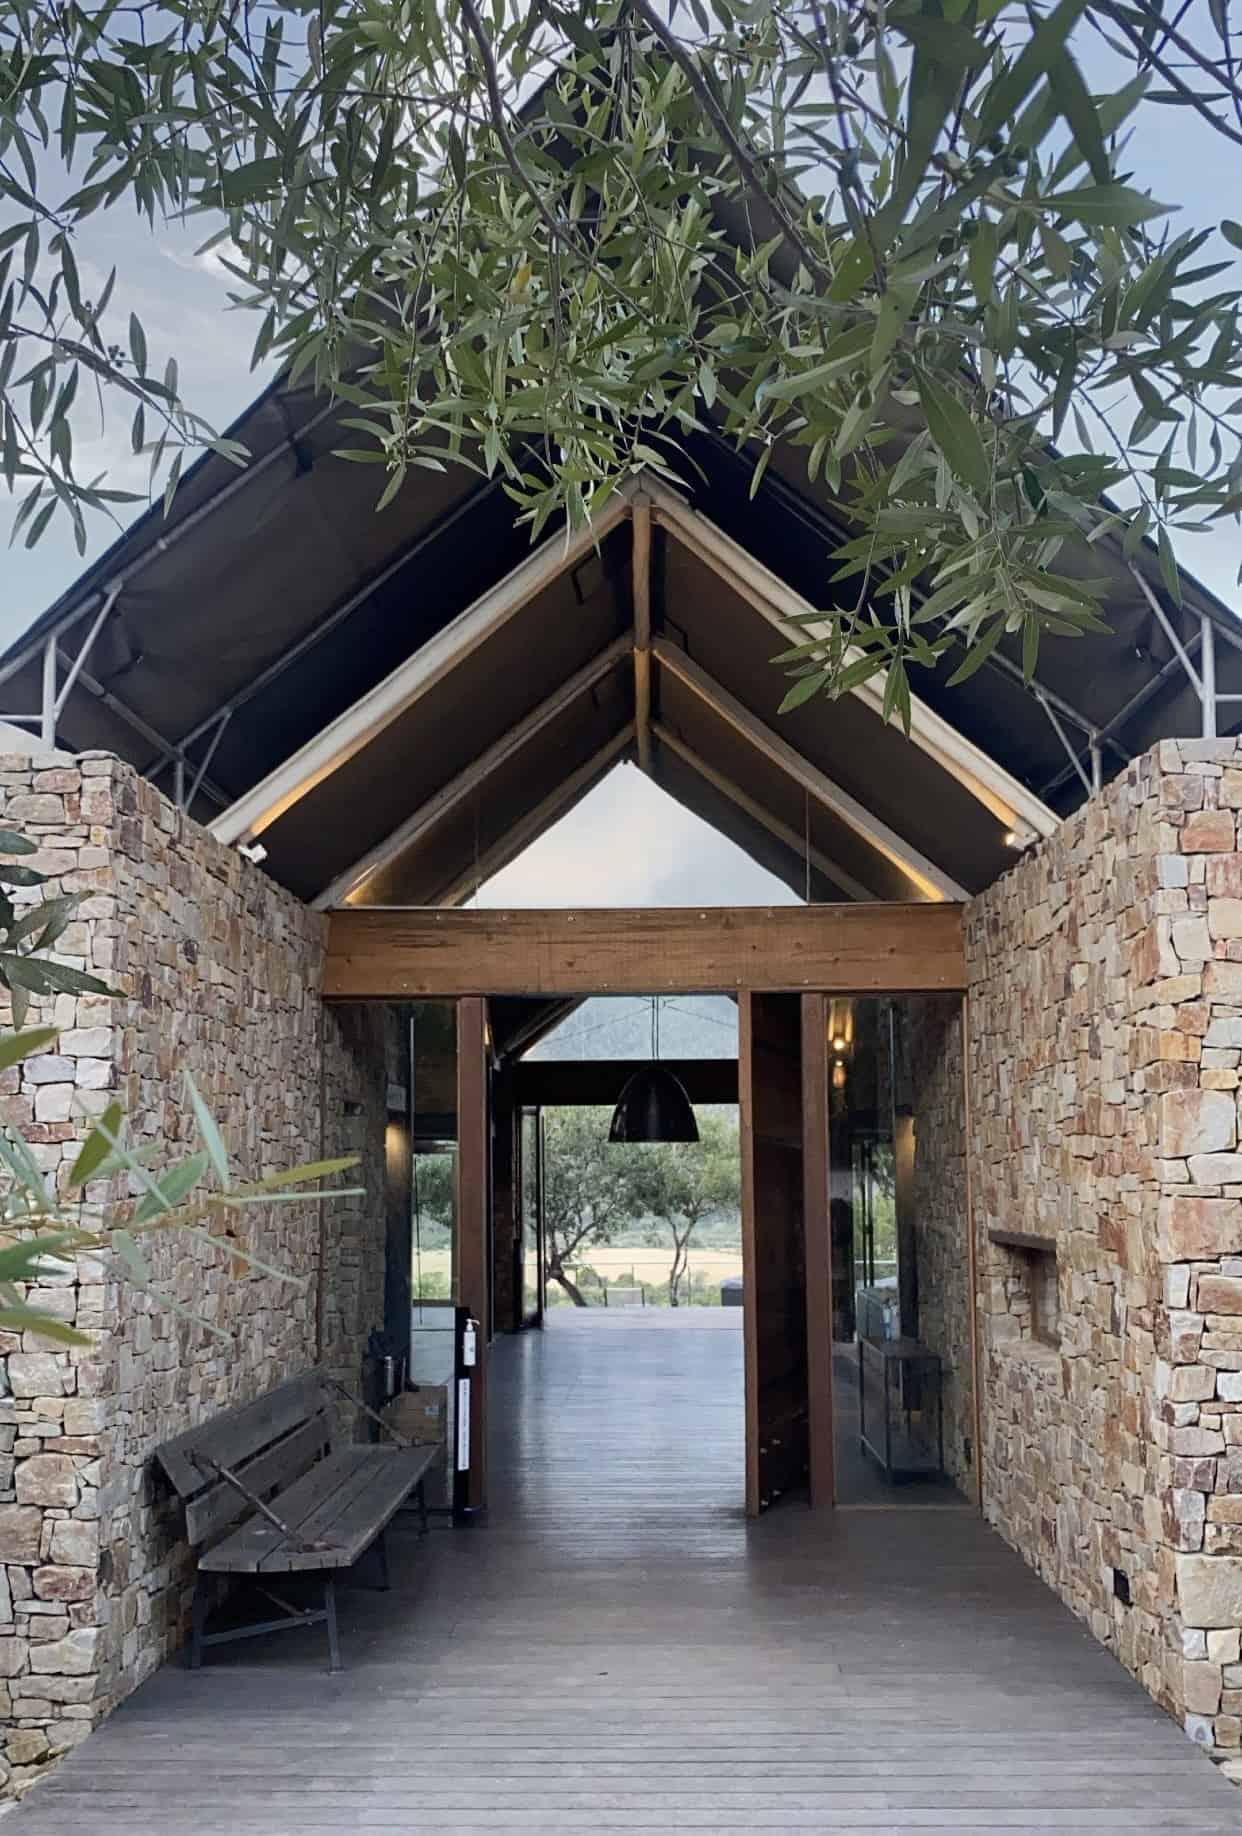 Entrance Kariega Game Reserve